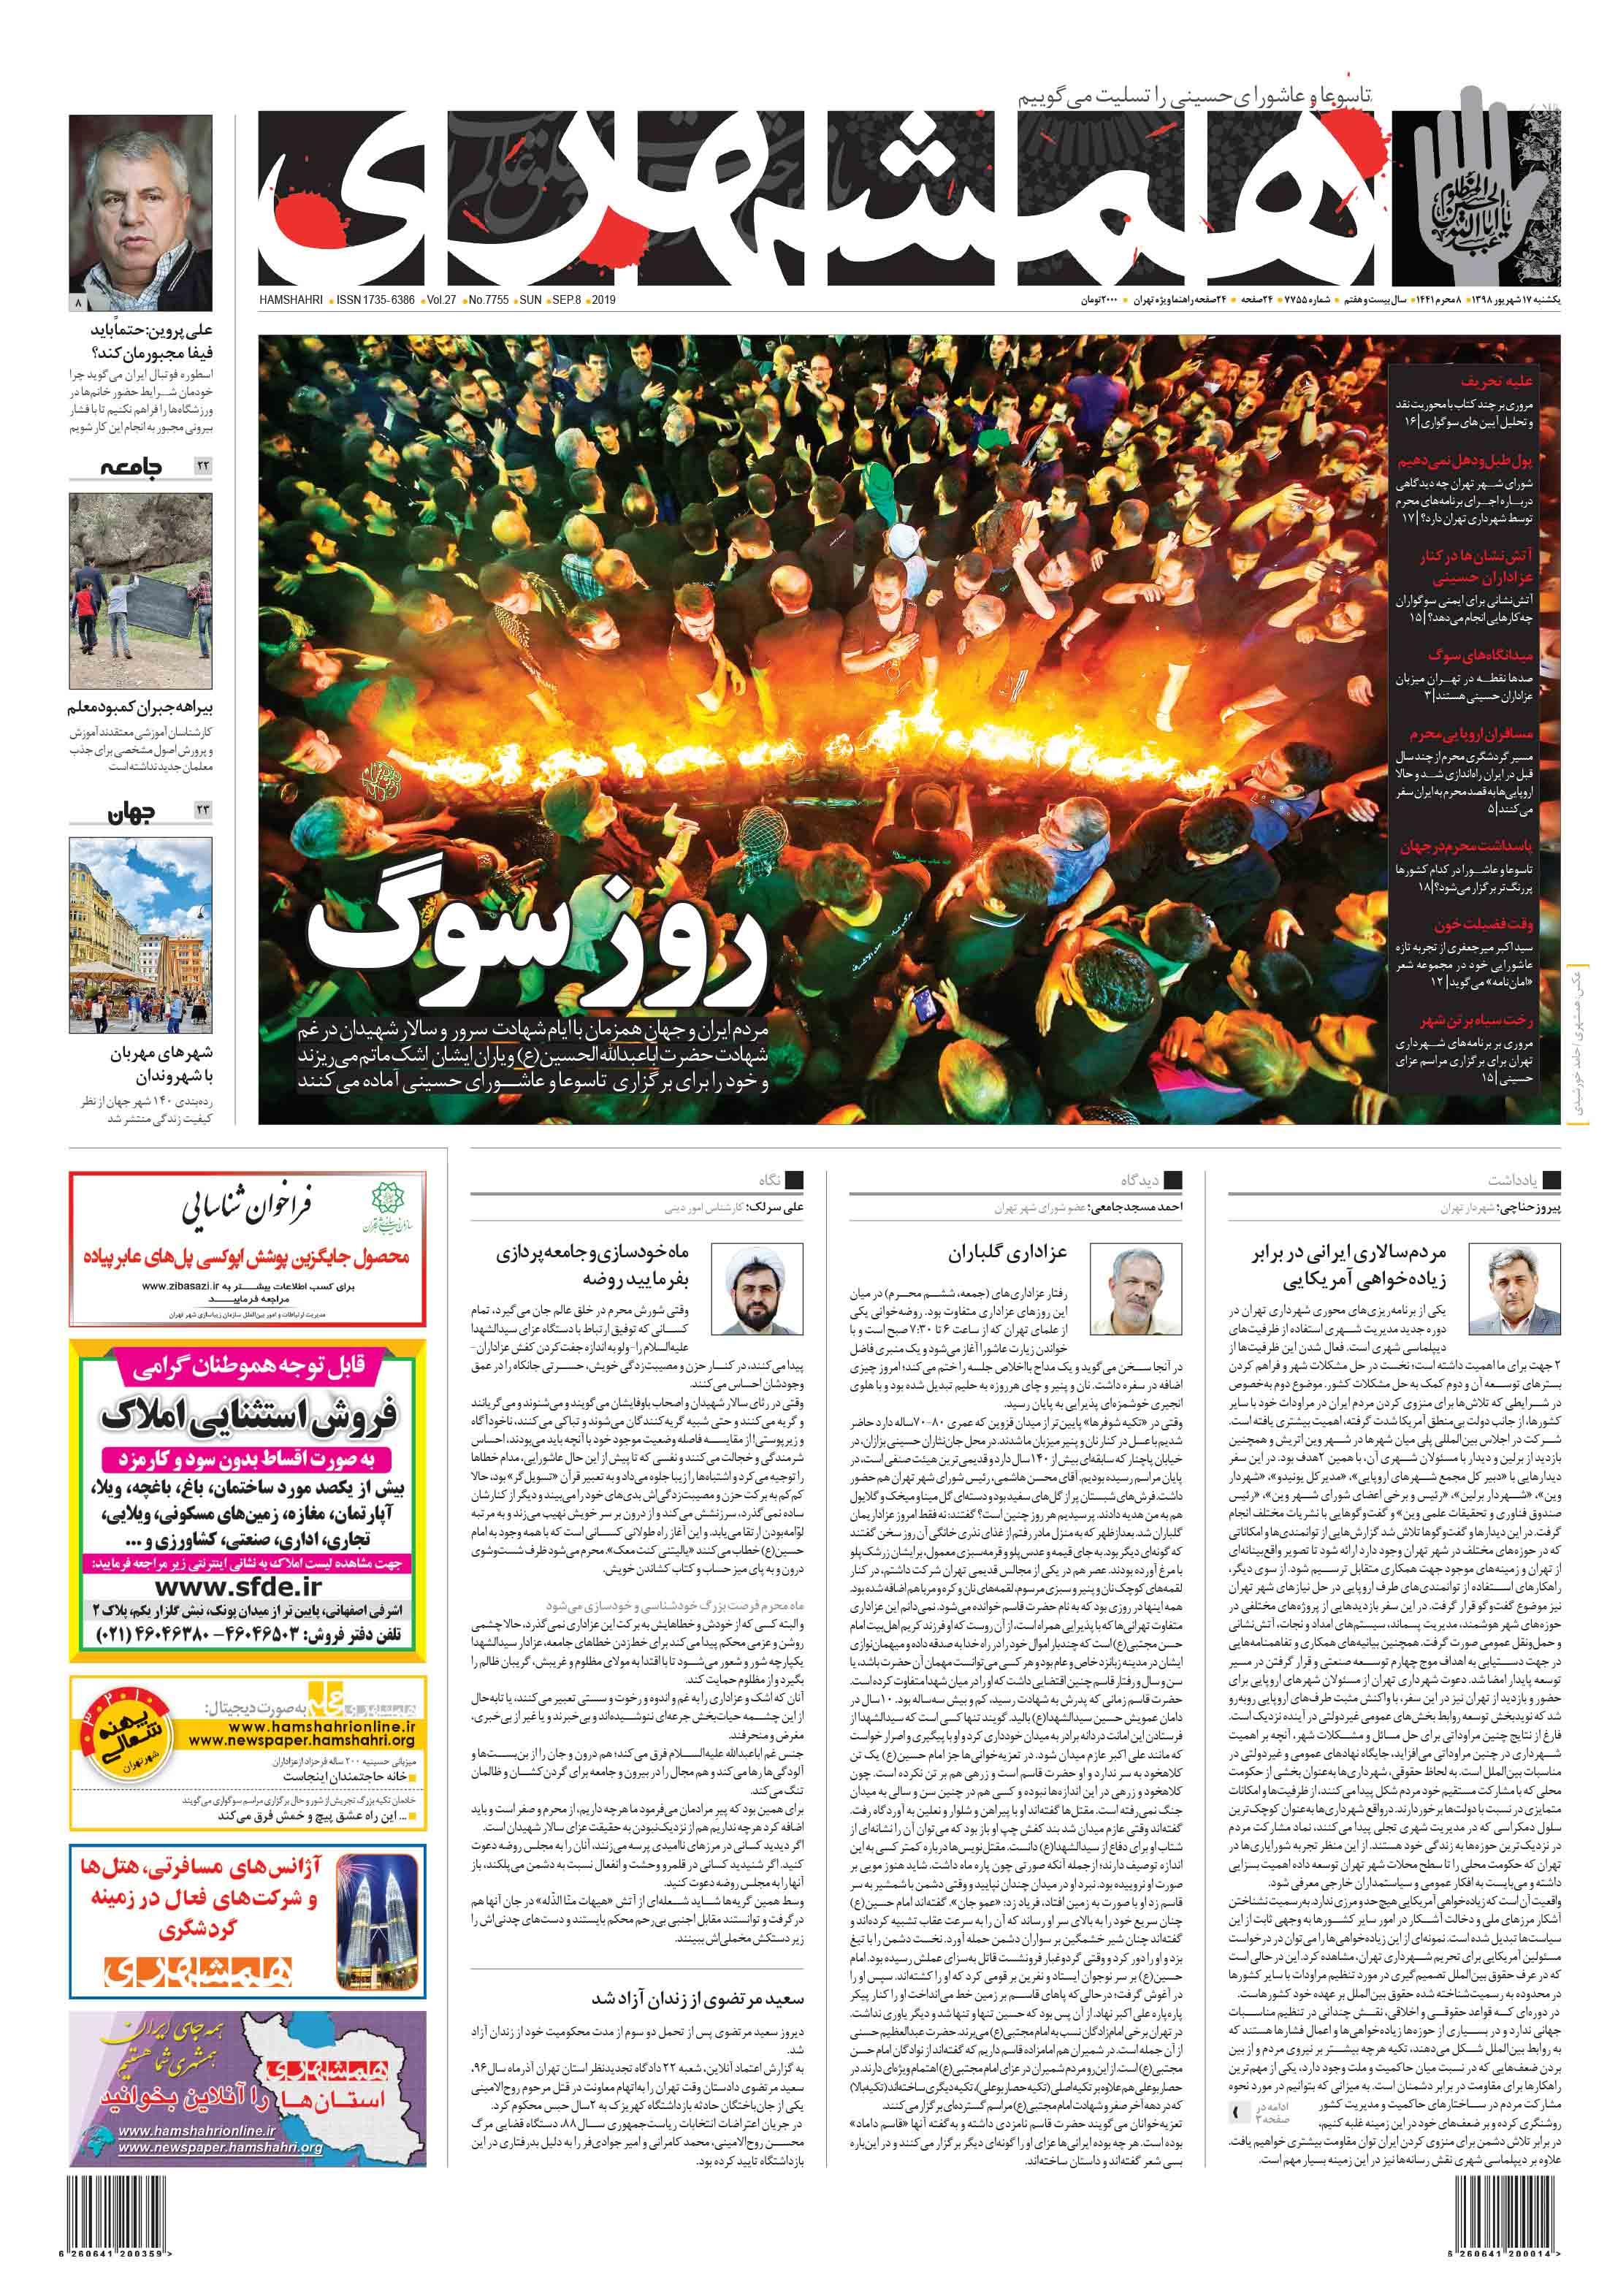 صفحه اول یکشنبه 17 شهریور 1398